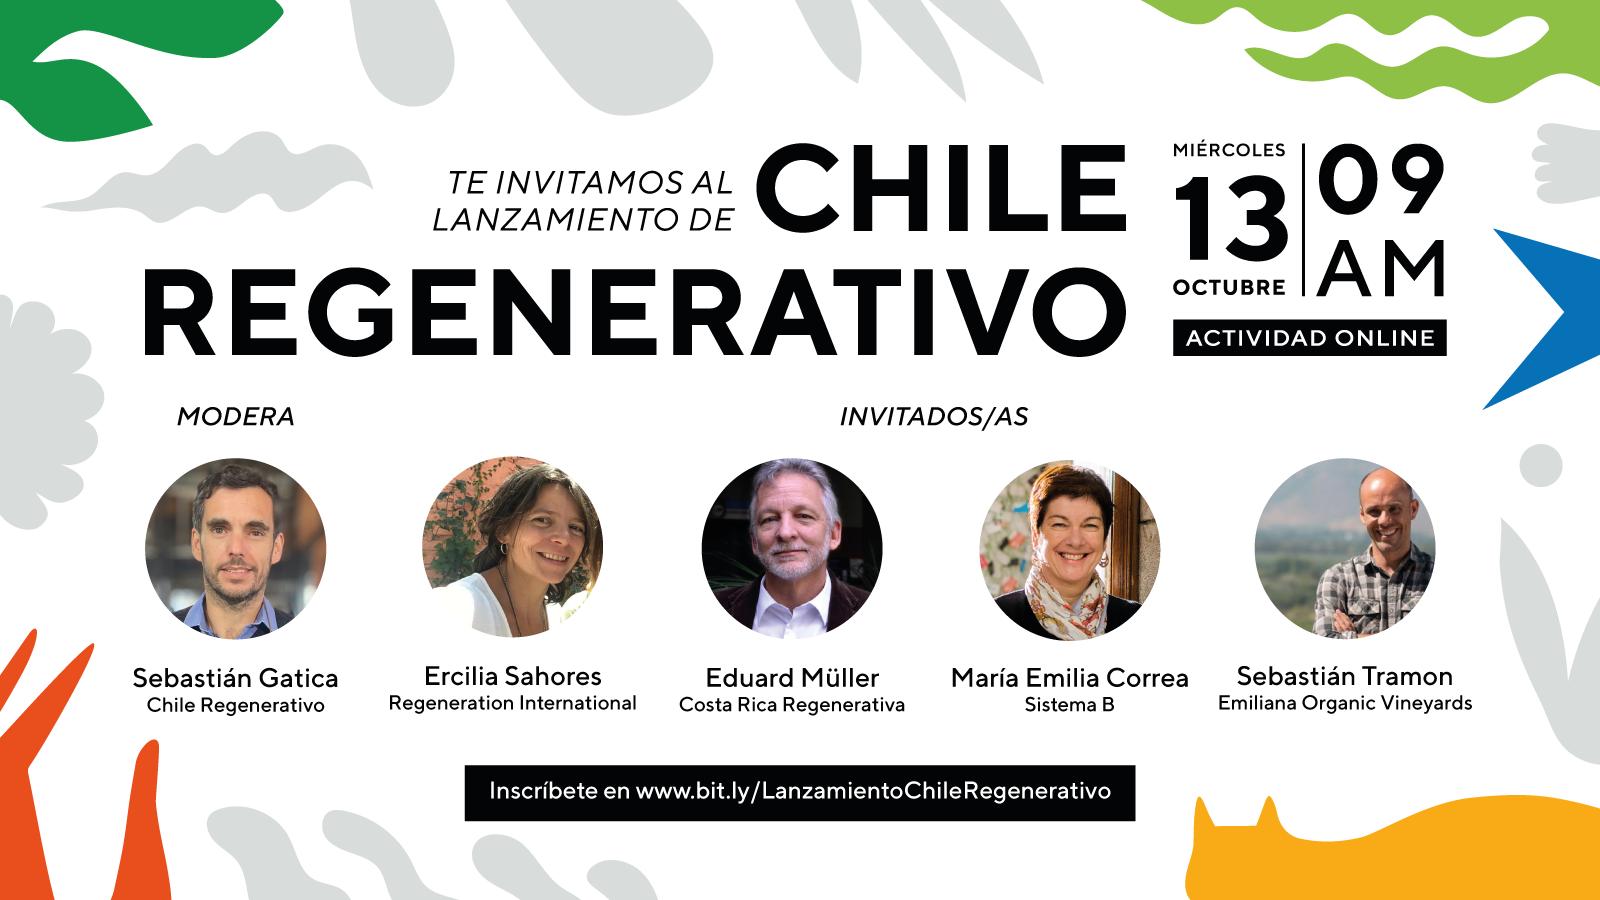 La iniciativa impulsada por CoLab UC y Fundación Kawoq se pondrá en marcha el 13 de octubre en una actividad online y con la presencia de importantes referentes de la regeneración en latinoamérica.